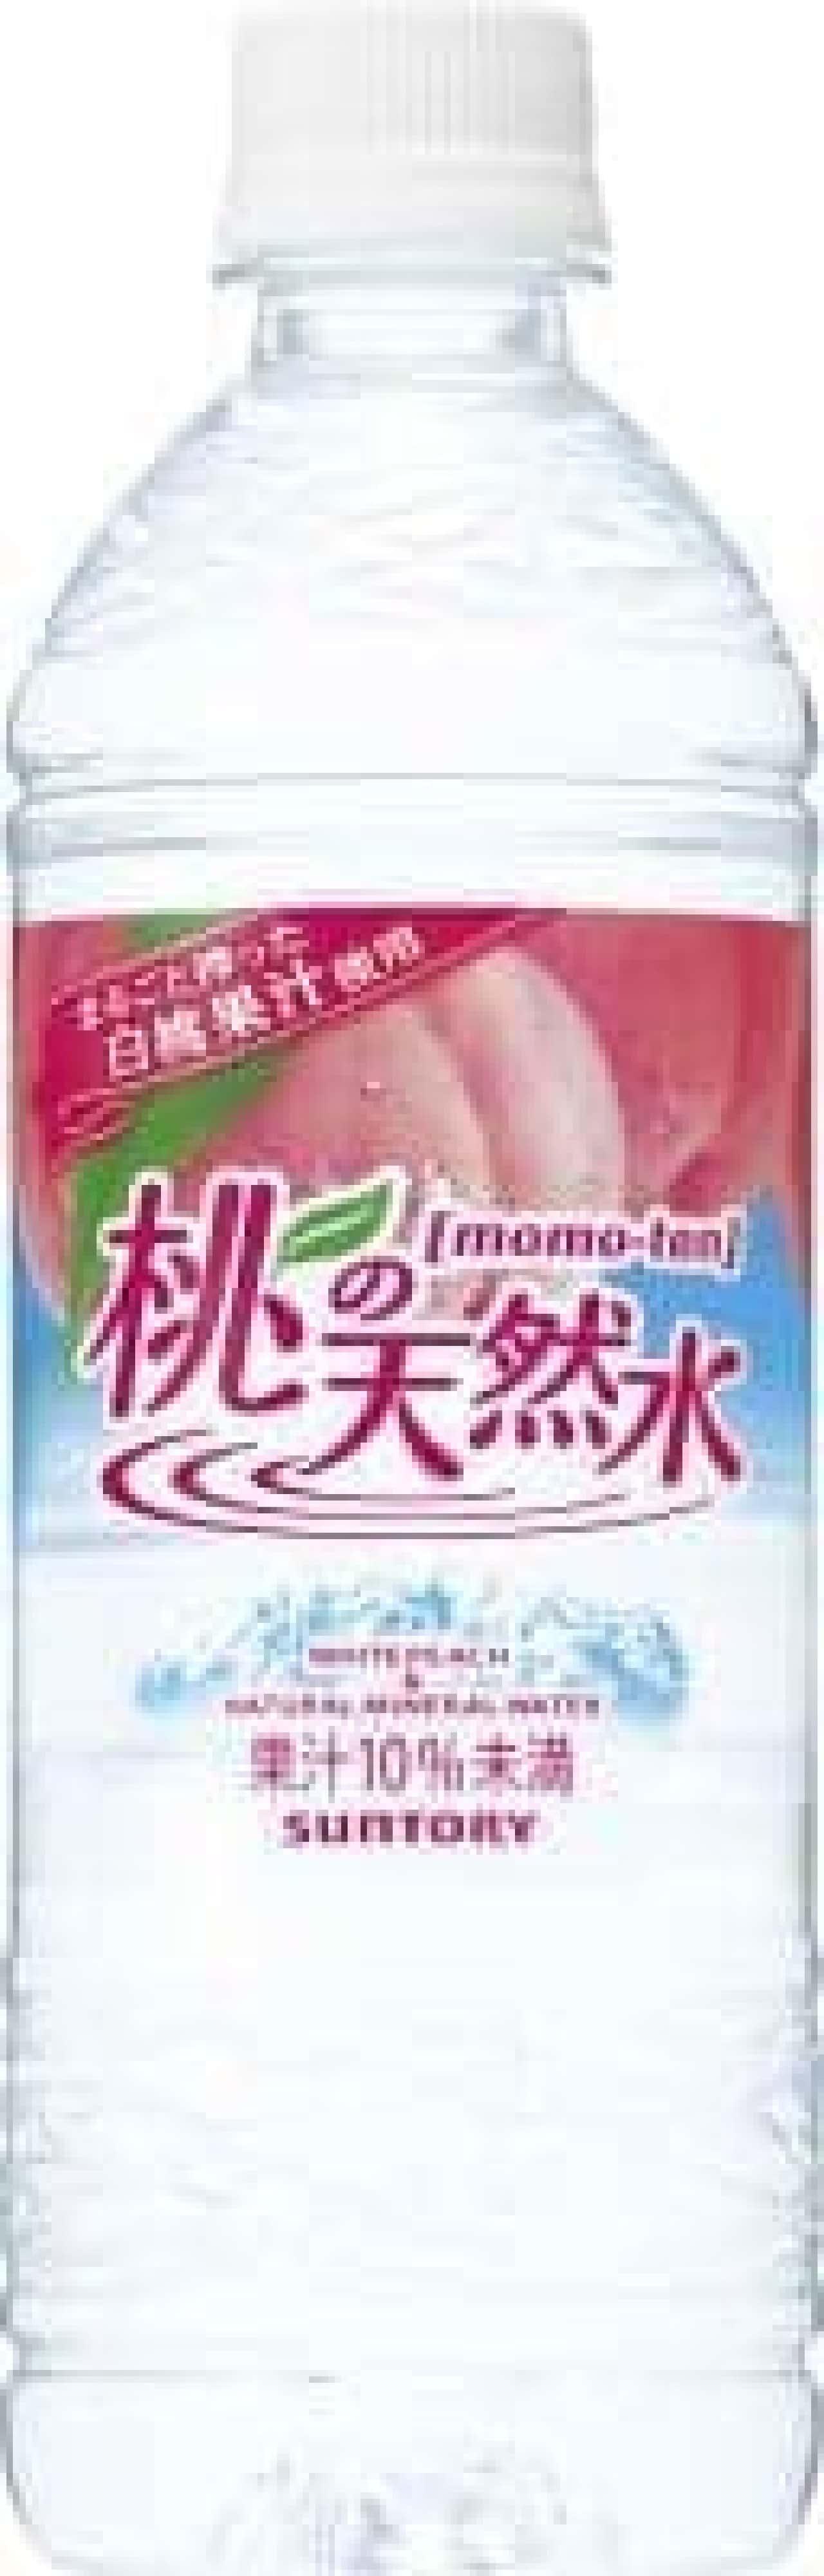 サントリー食品インターナショナル「桃の天然水」